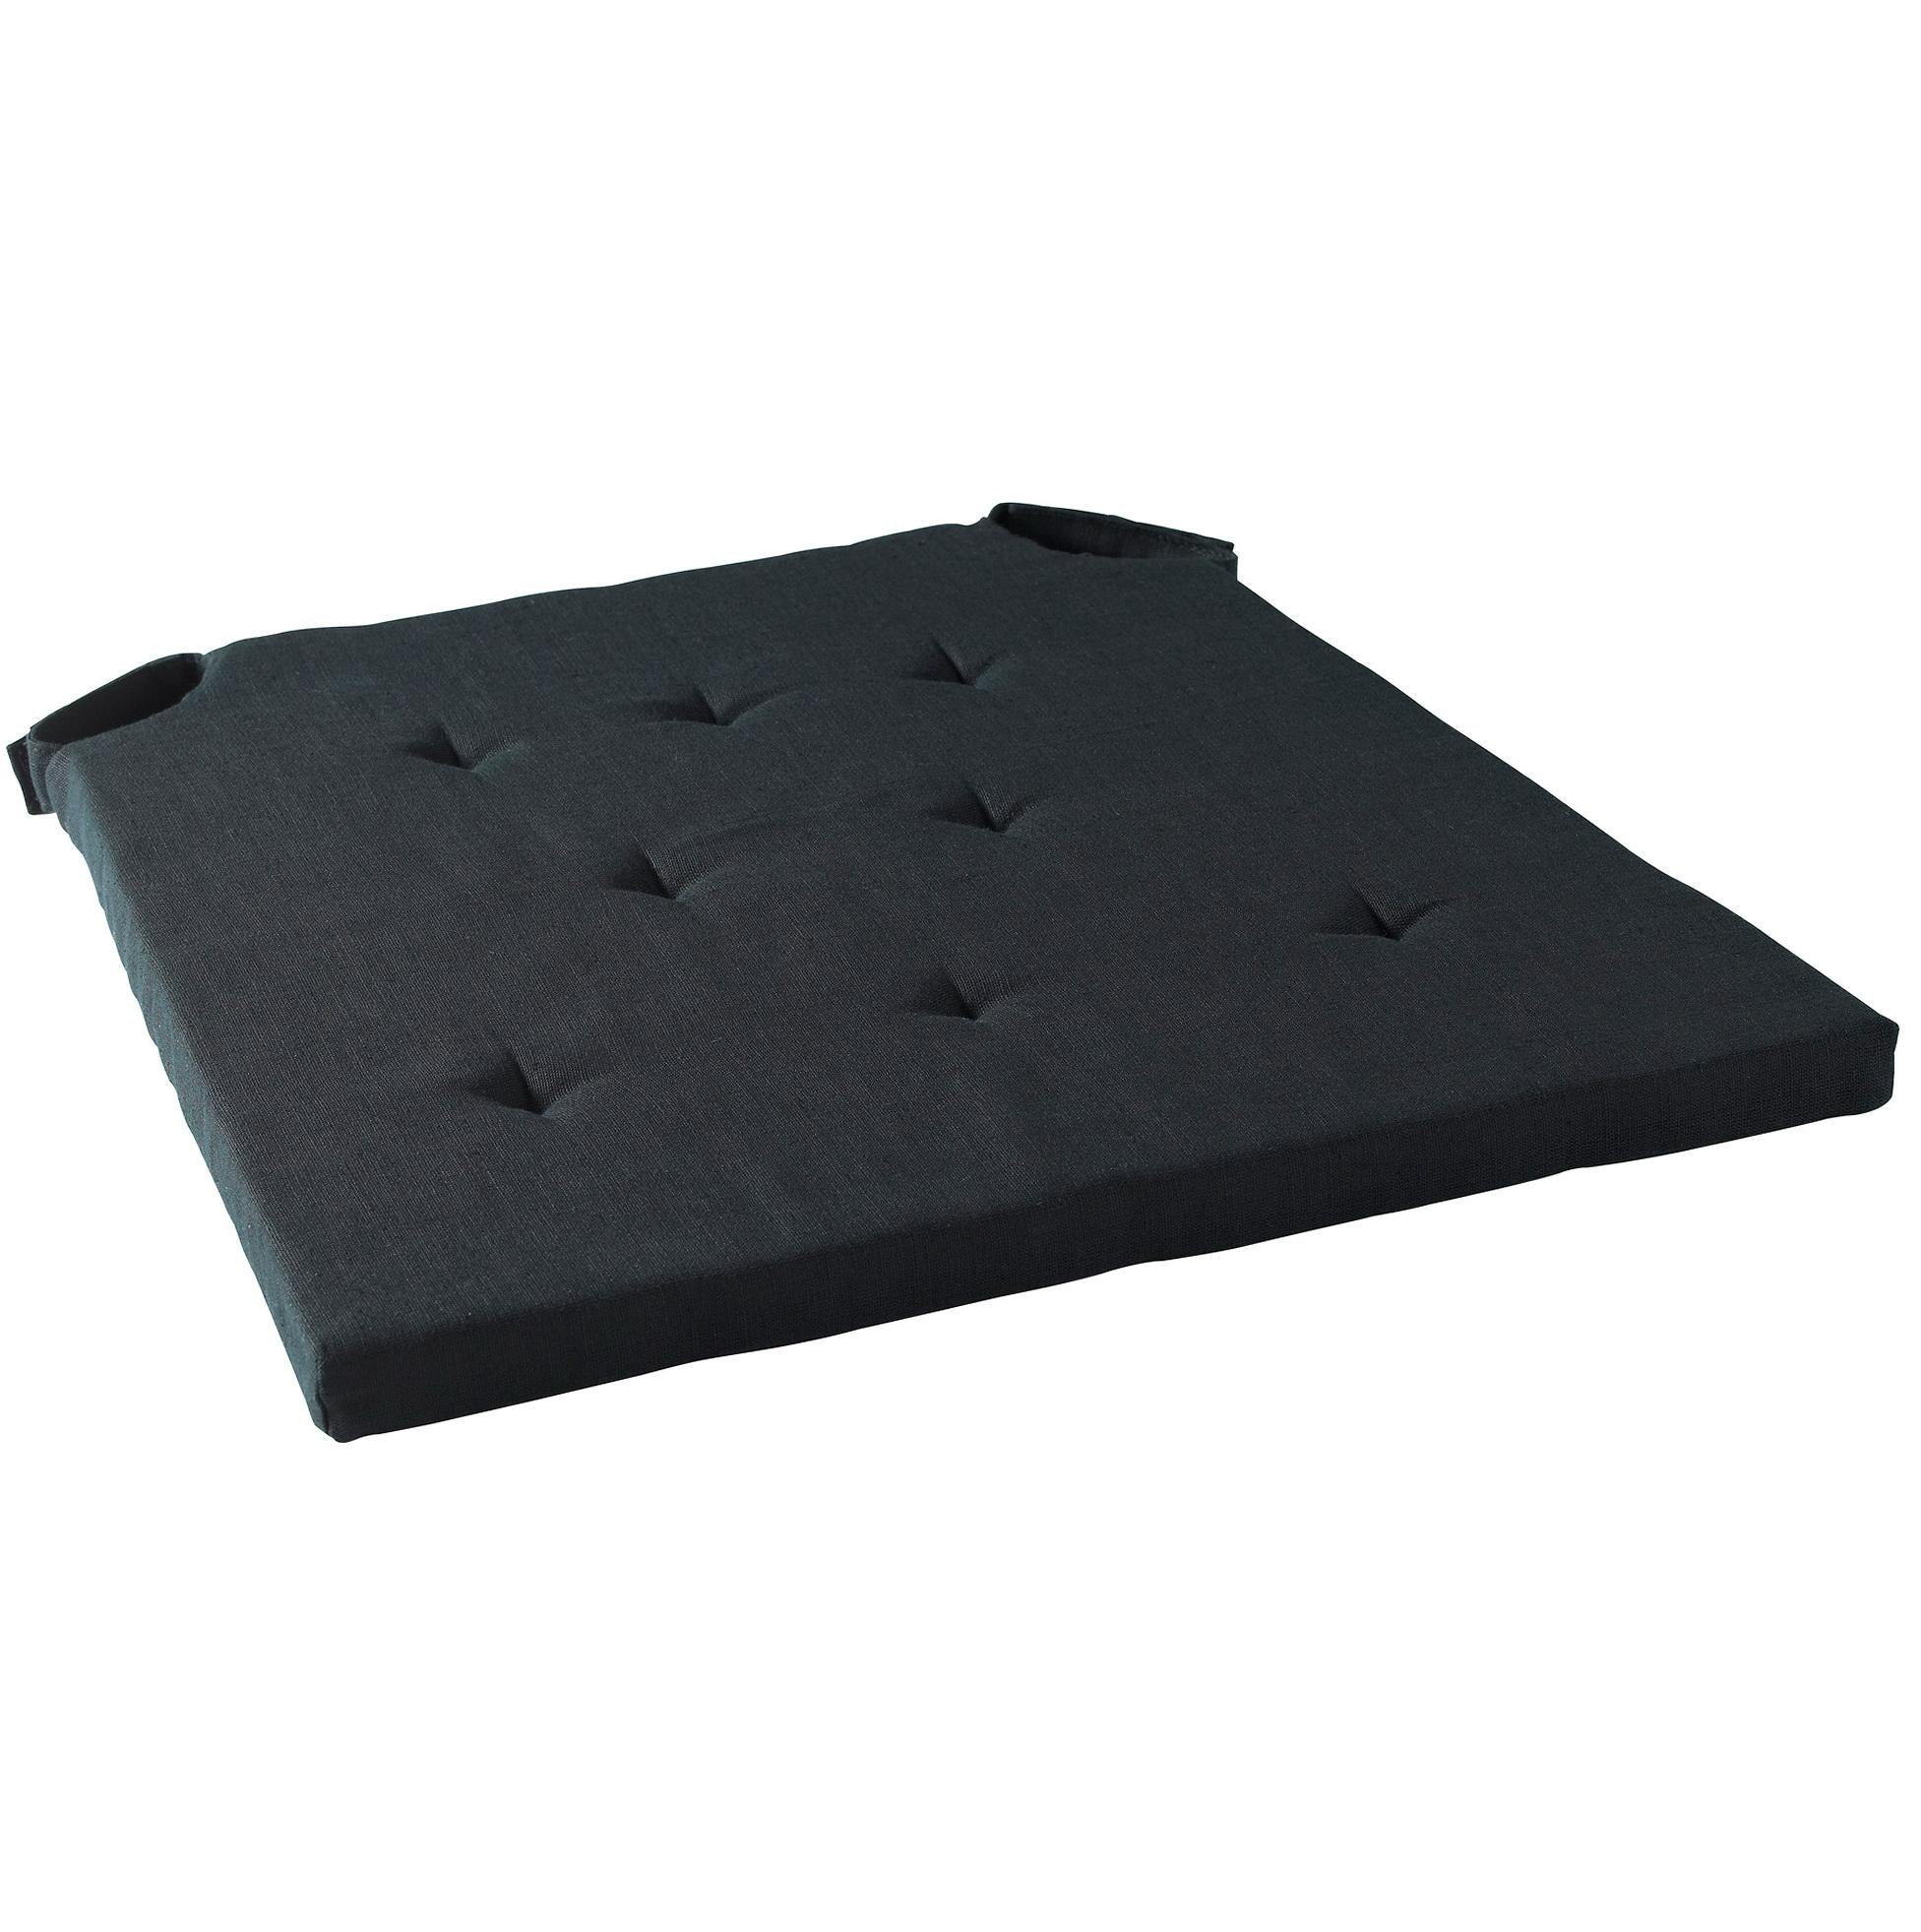 Desk Chair Cushion Cover